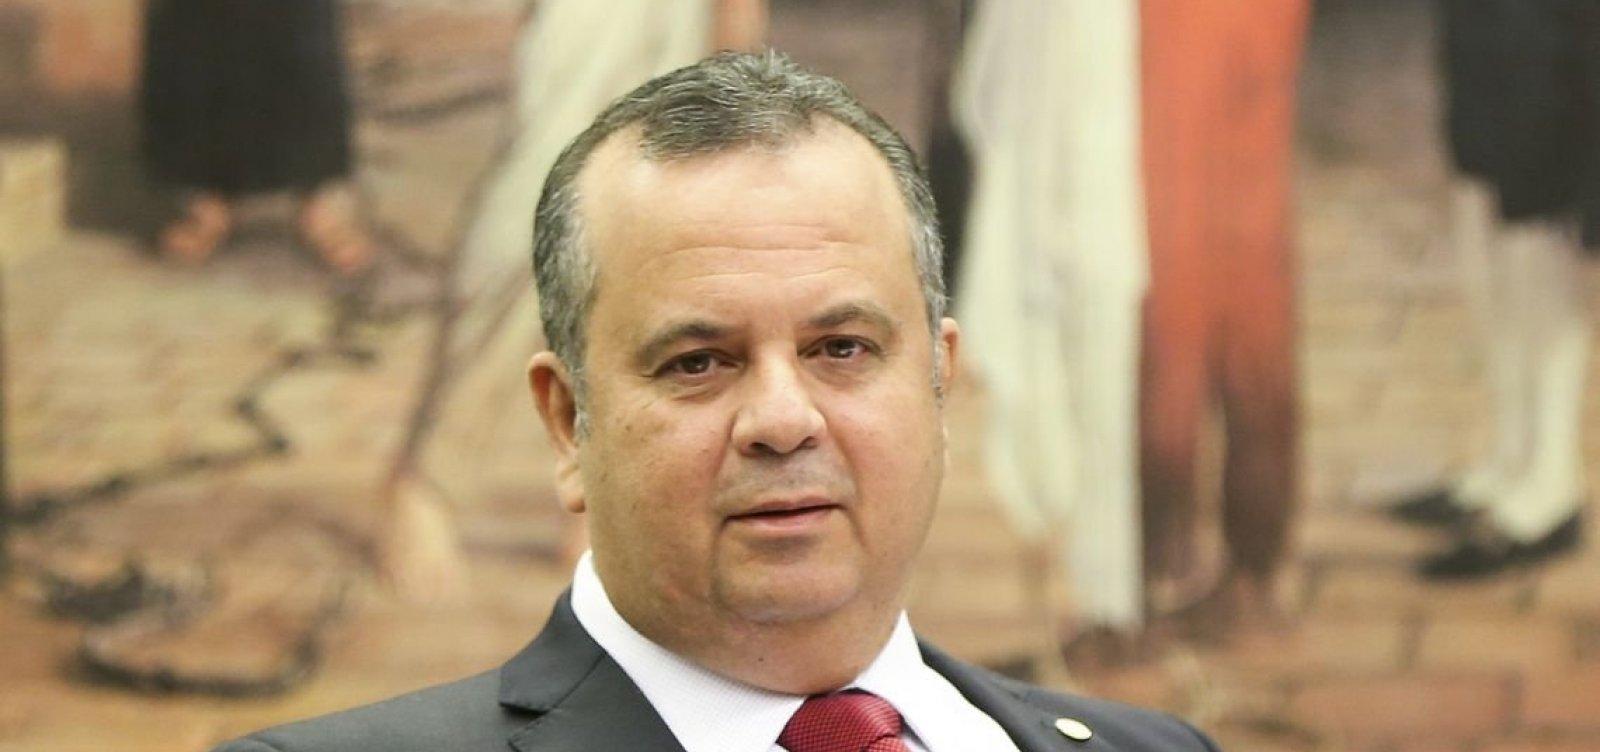 [Após demissão de Santos Cruz, Rogério Marinho deve ganhar ministério]